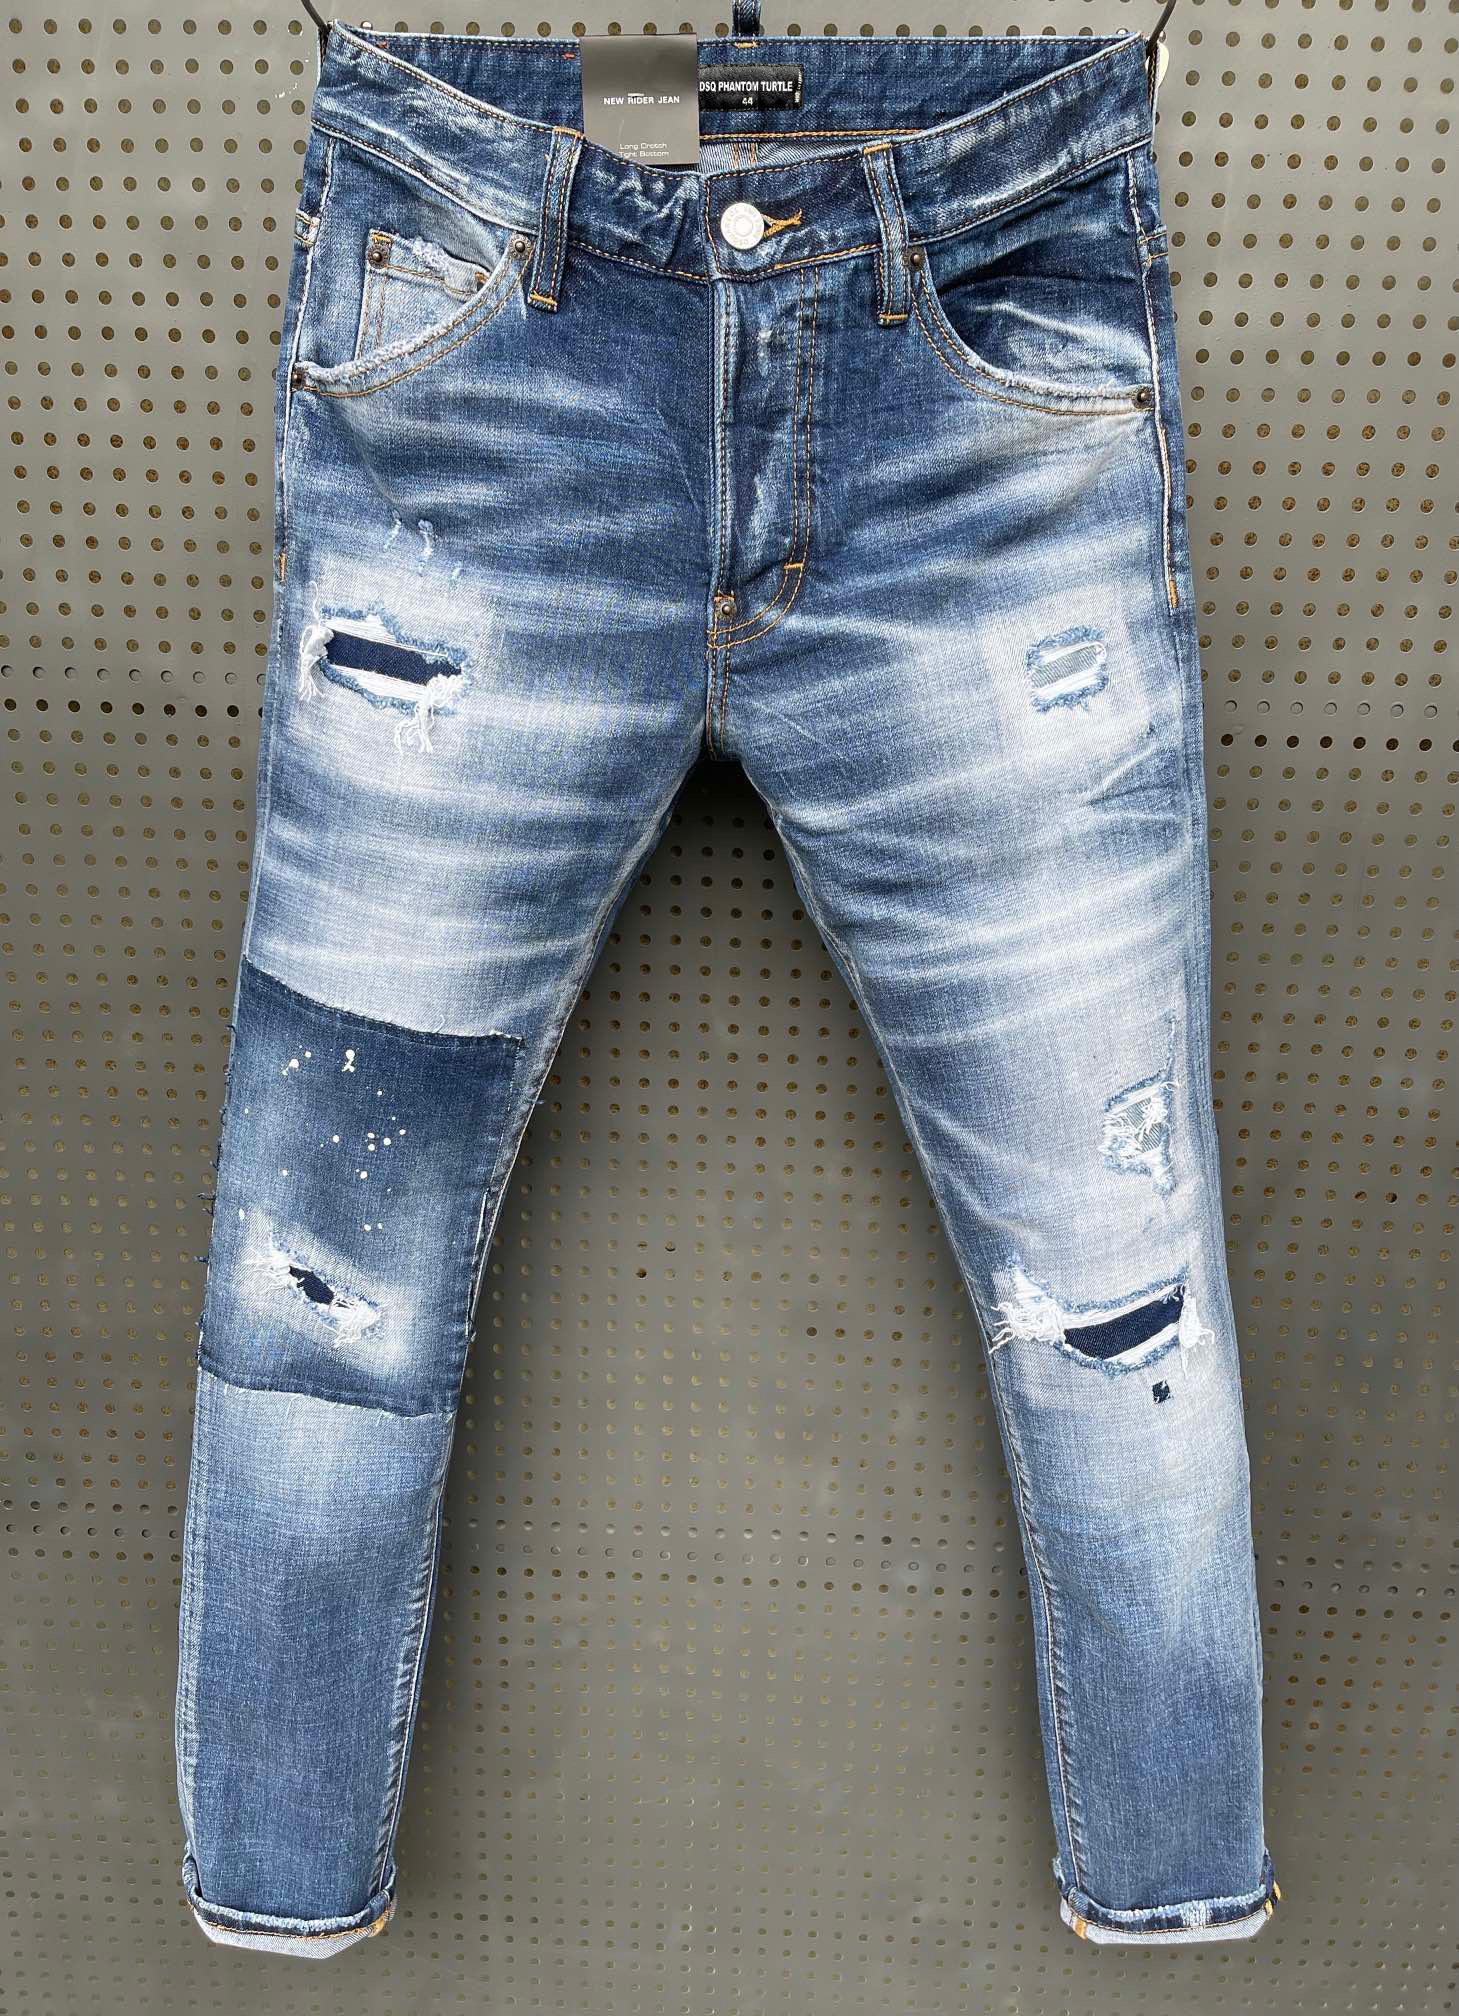 DSQ Brand Jeans hommes de luxe Designer Jeans Skinny déchiré cool Guy Causal Hole Denim Fashion Fit Jeans Hommes lavés Pantalons 61266